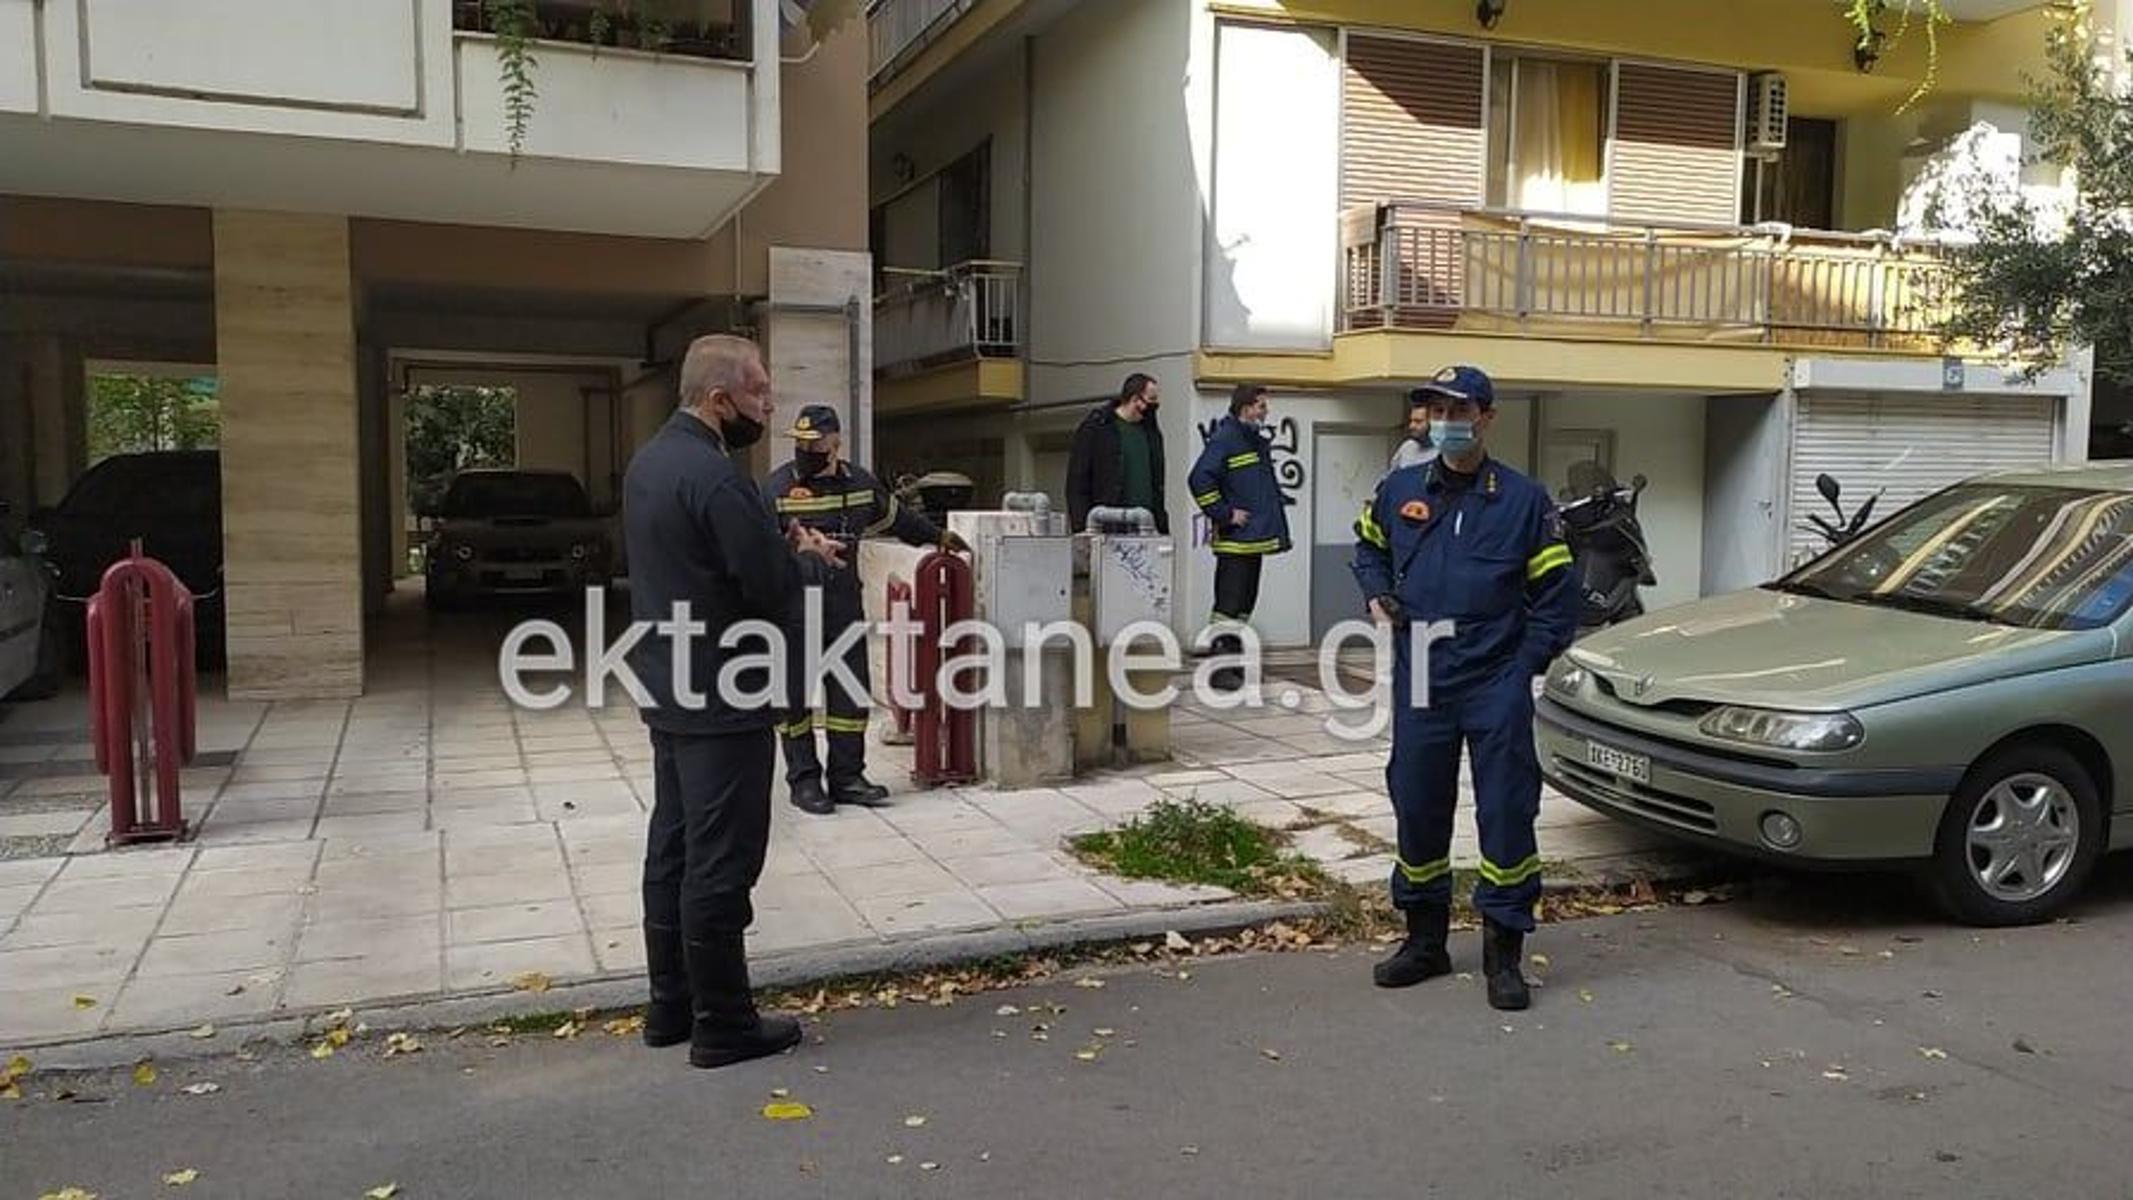 Θεσσαλονίκη: Φρικτό εργατικό ατύχημα στην Καλαμαριά